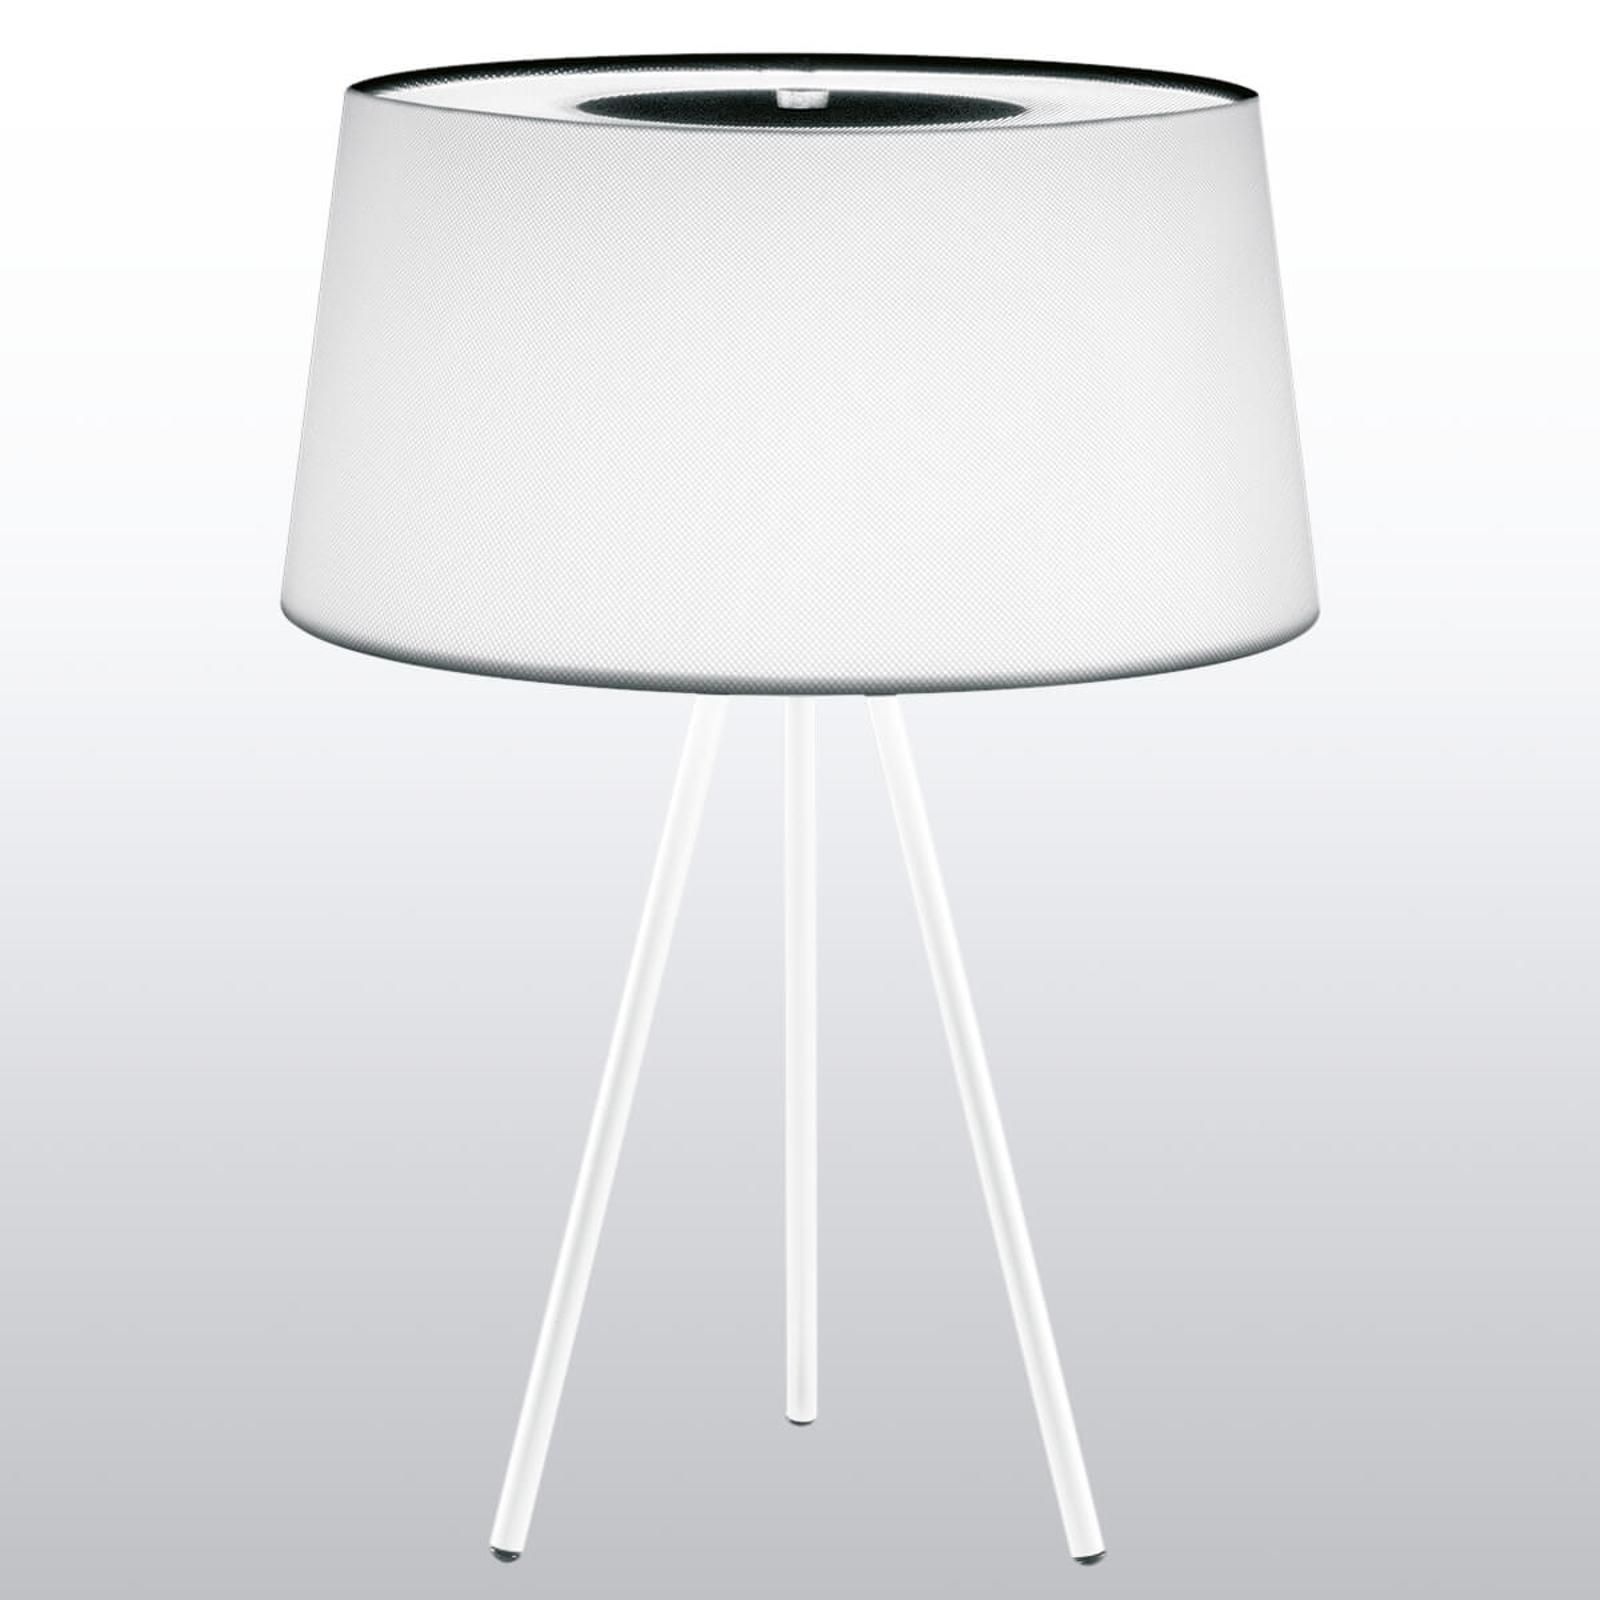 Førsteklasses bordlampe TRIPOD, hvid / hvidt stel